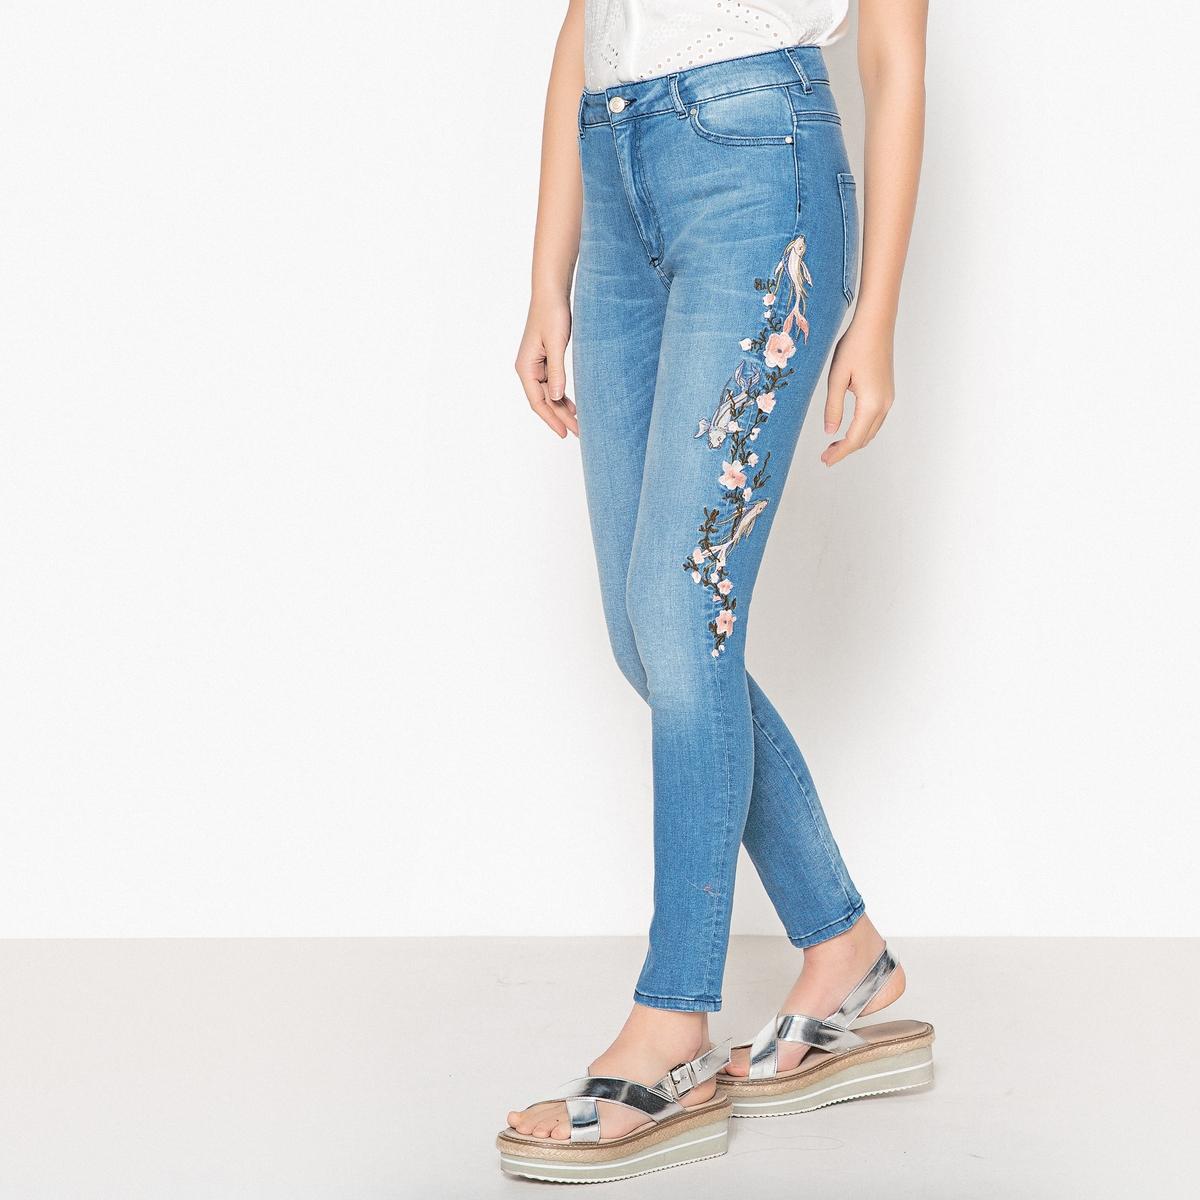 Джинсы слим с высоким поясом из денима стретч джинсы слим с тропическим рисунком 3 14 лет